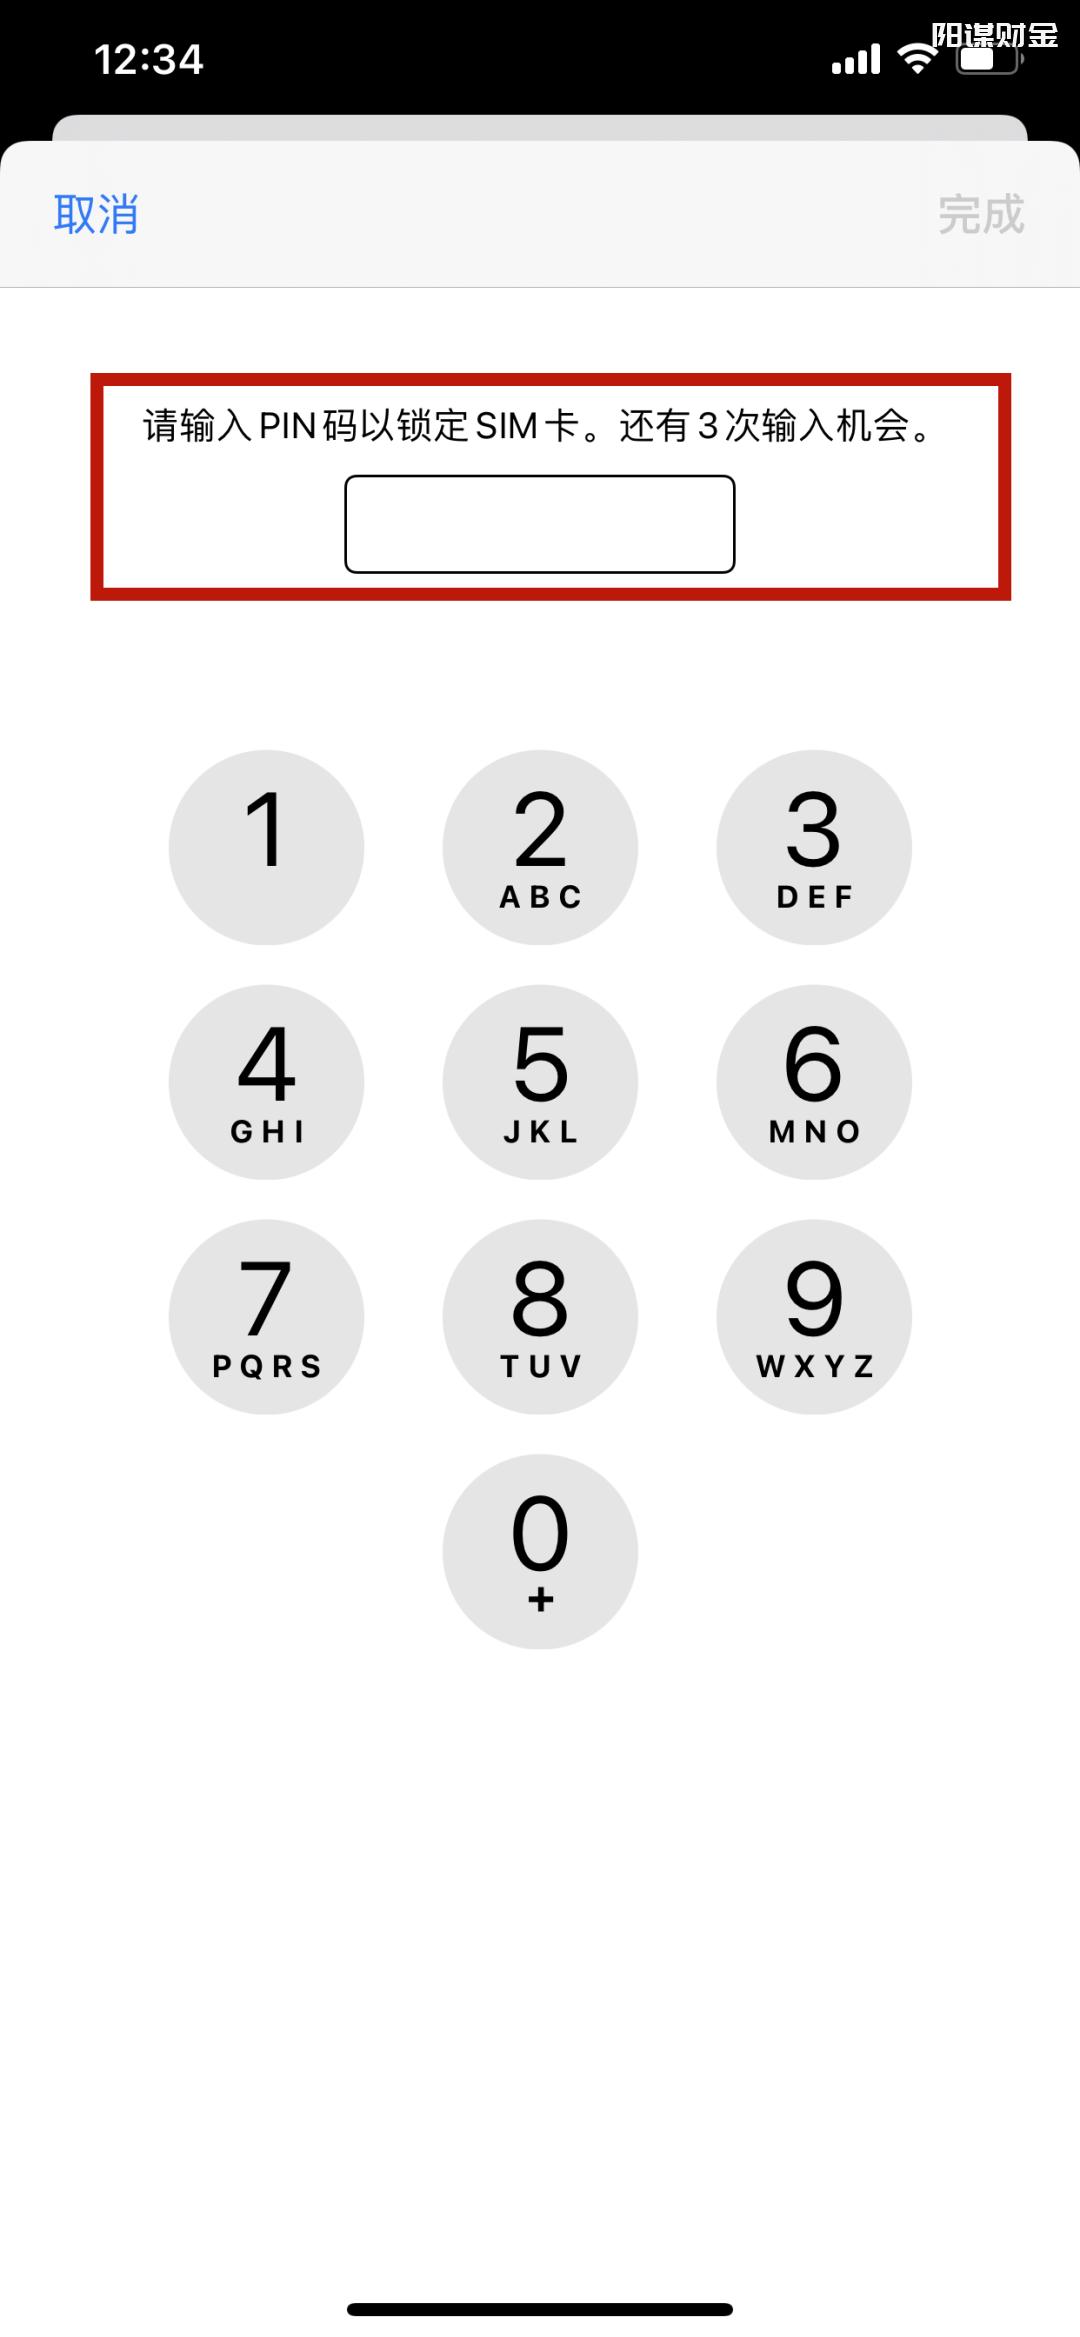 工信部紧急提醒:手机要及时设置SIM卡密码! 详细设置攻略来了!